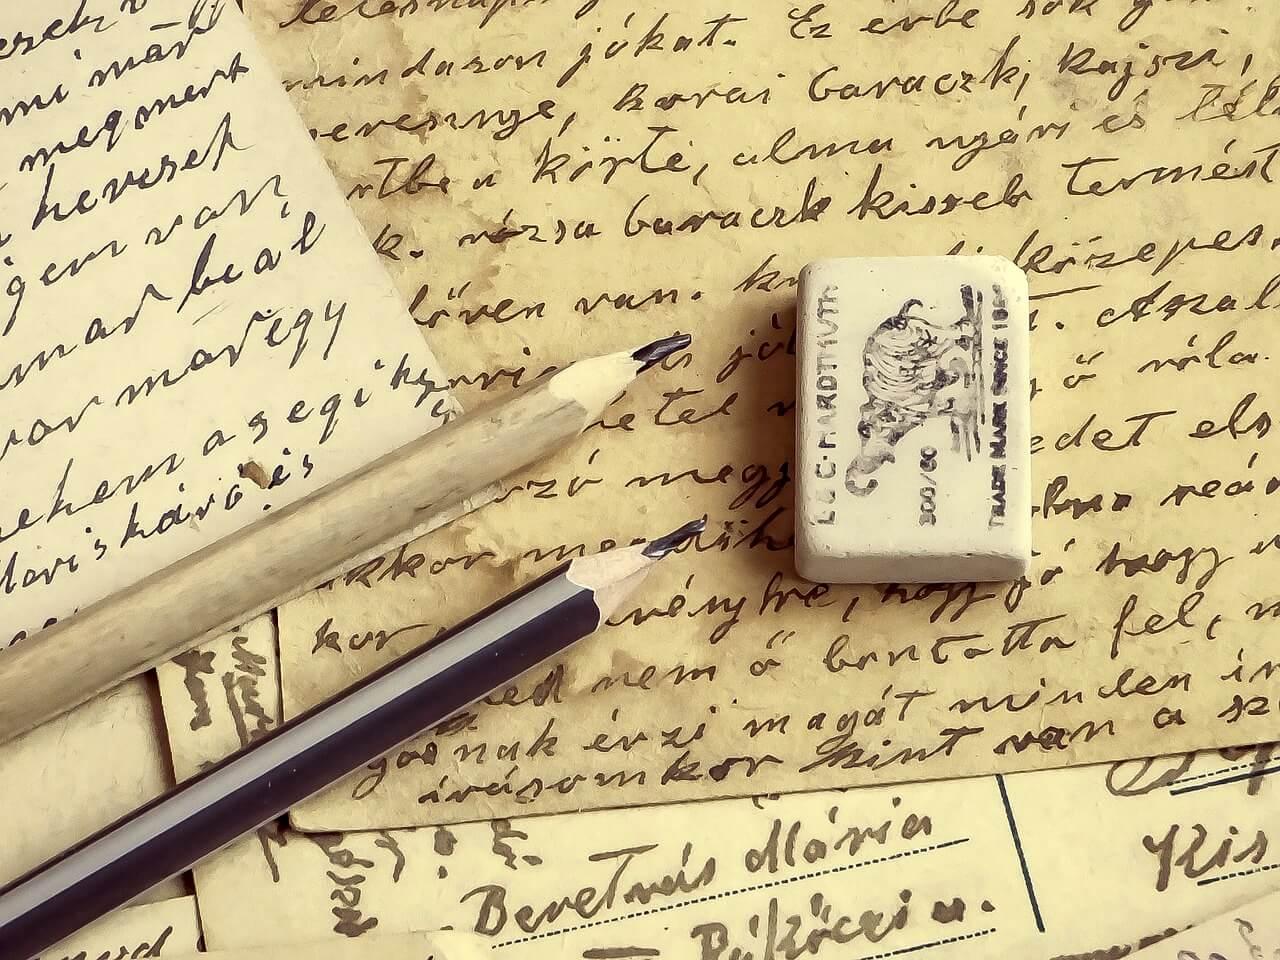 scrittura di articoli e poesie